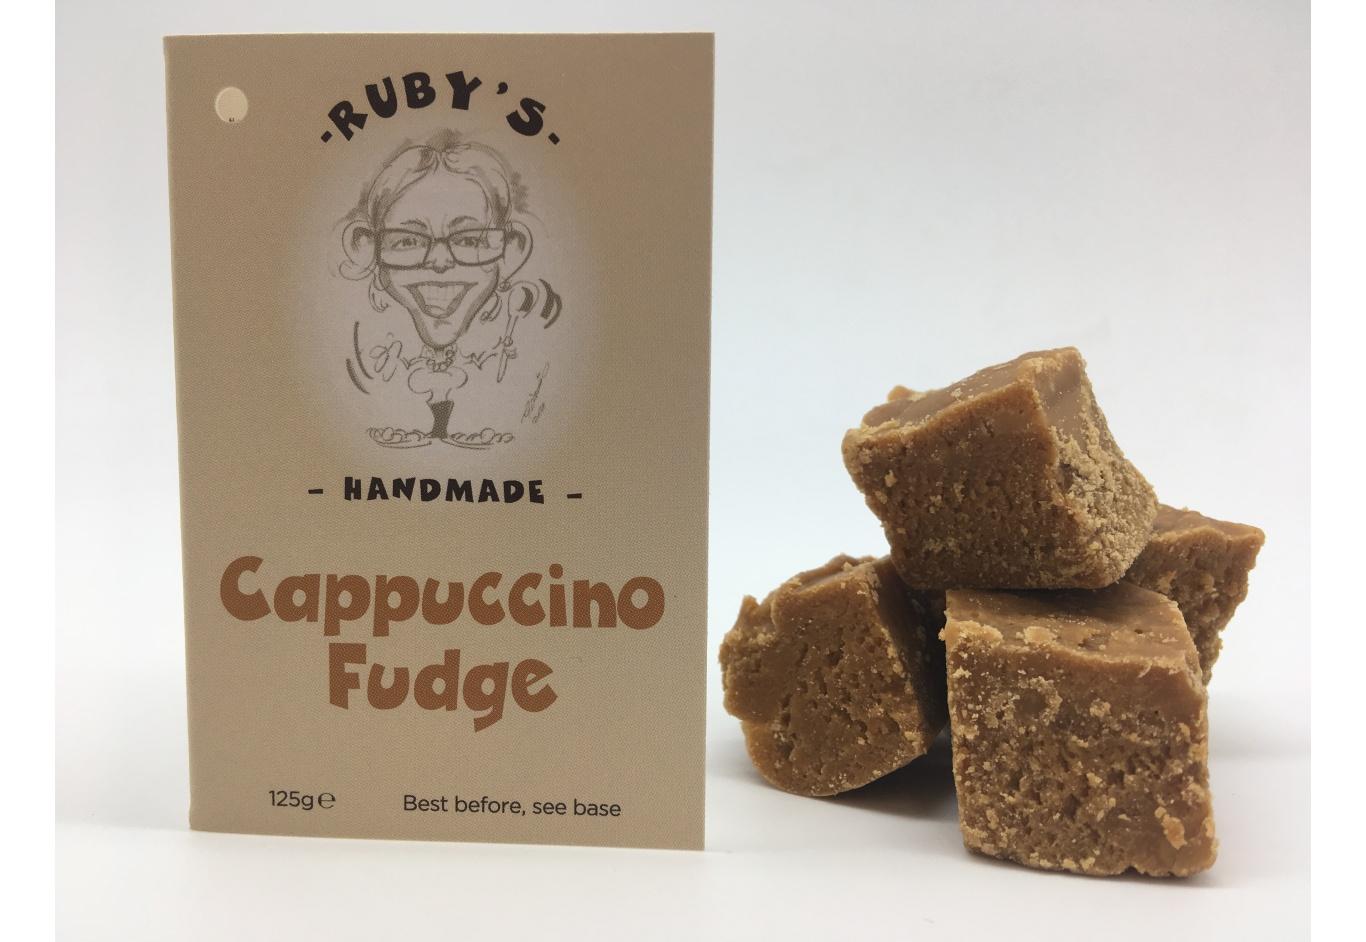 1Kg Box of Cappuccino Fudge